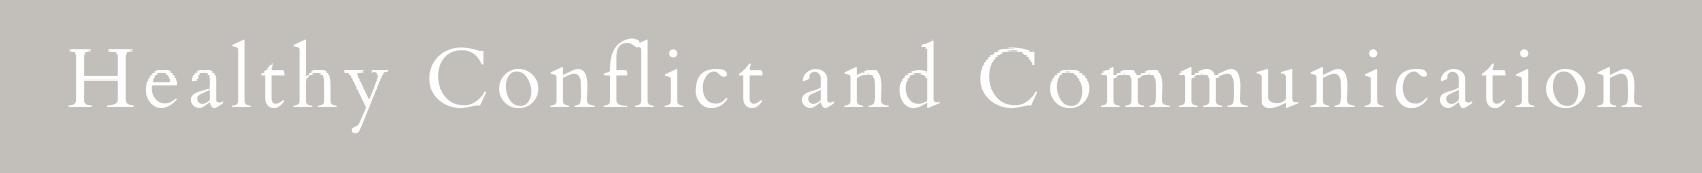 title banner copy (1)